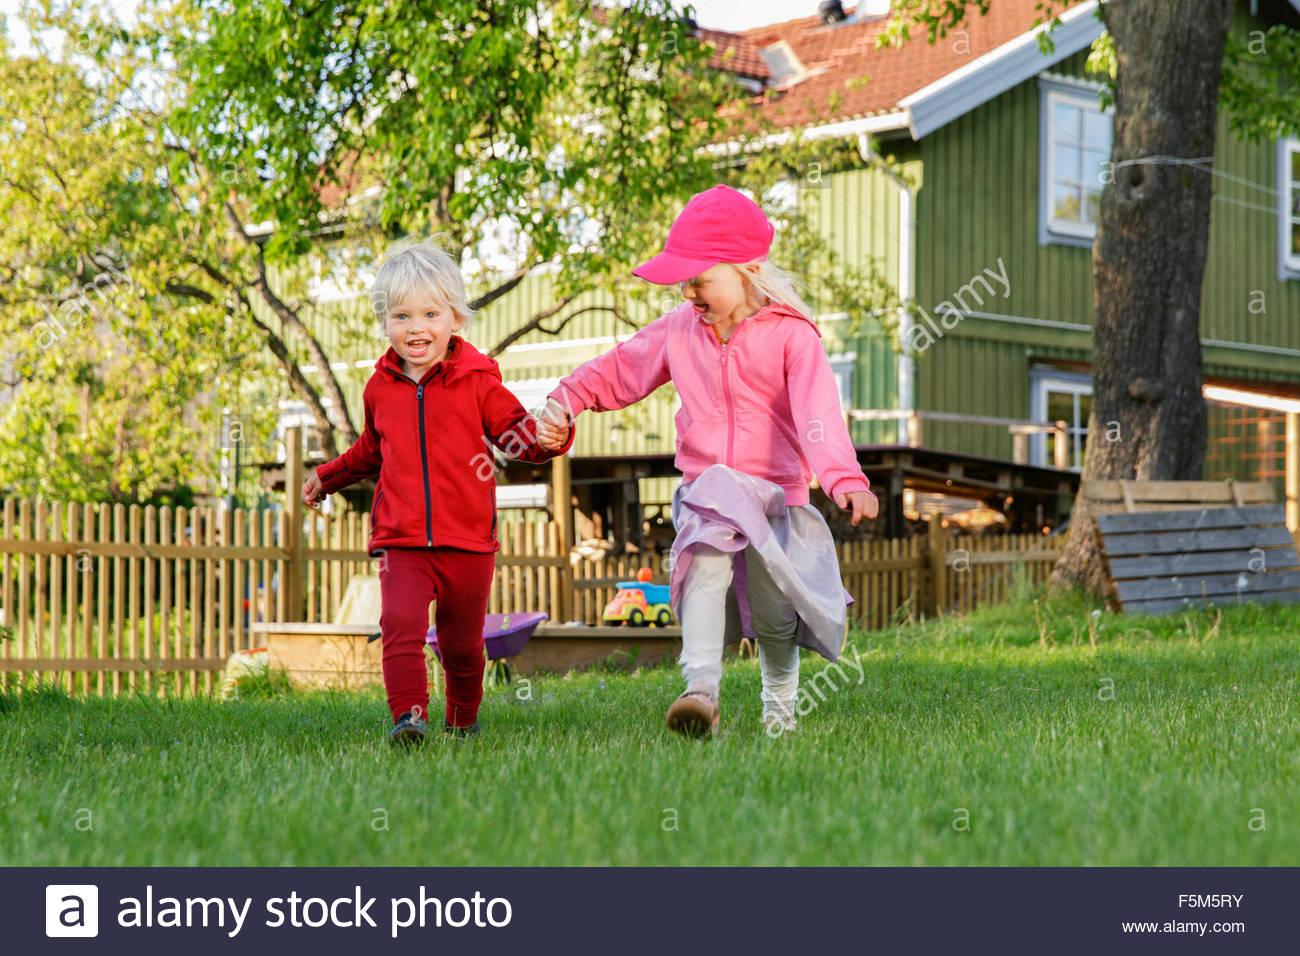 La Svezia Sodermanland, Jarna, Bambini (2-3, 4-5) giocando sul cortile anteriore Immagini Stock